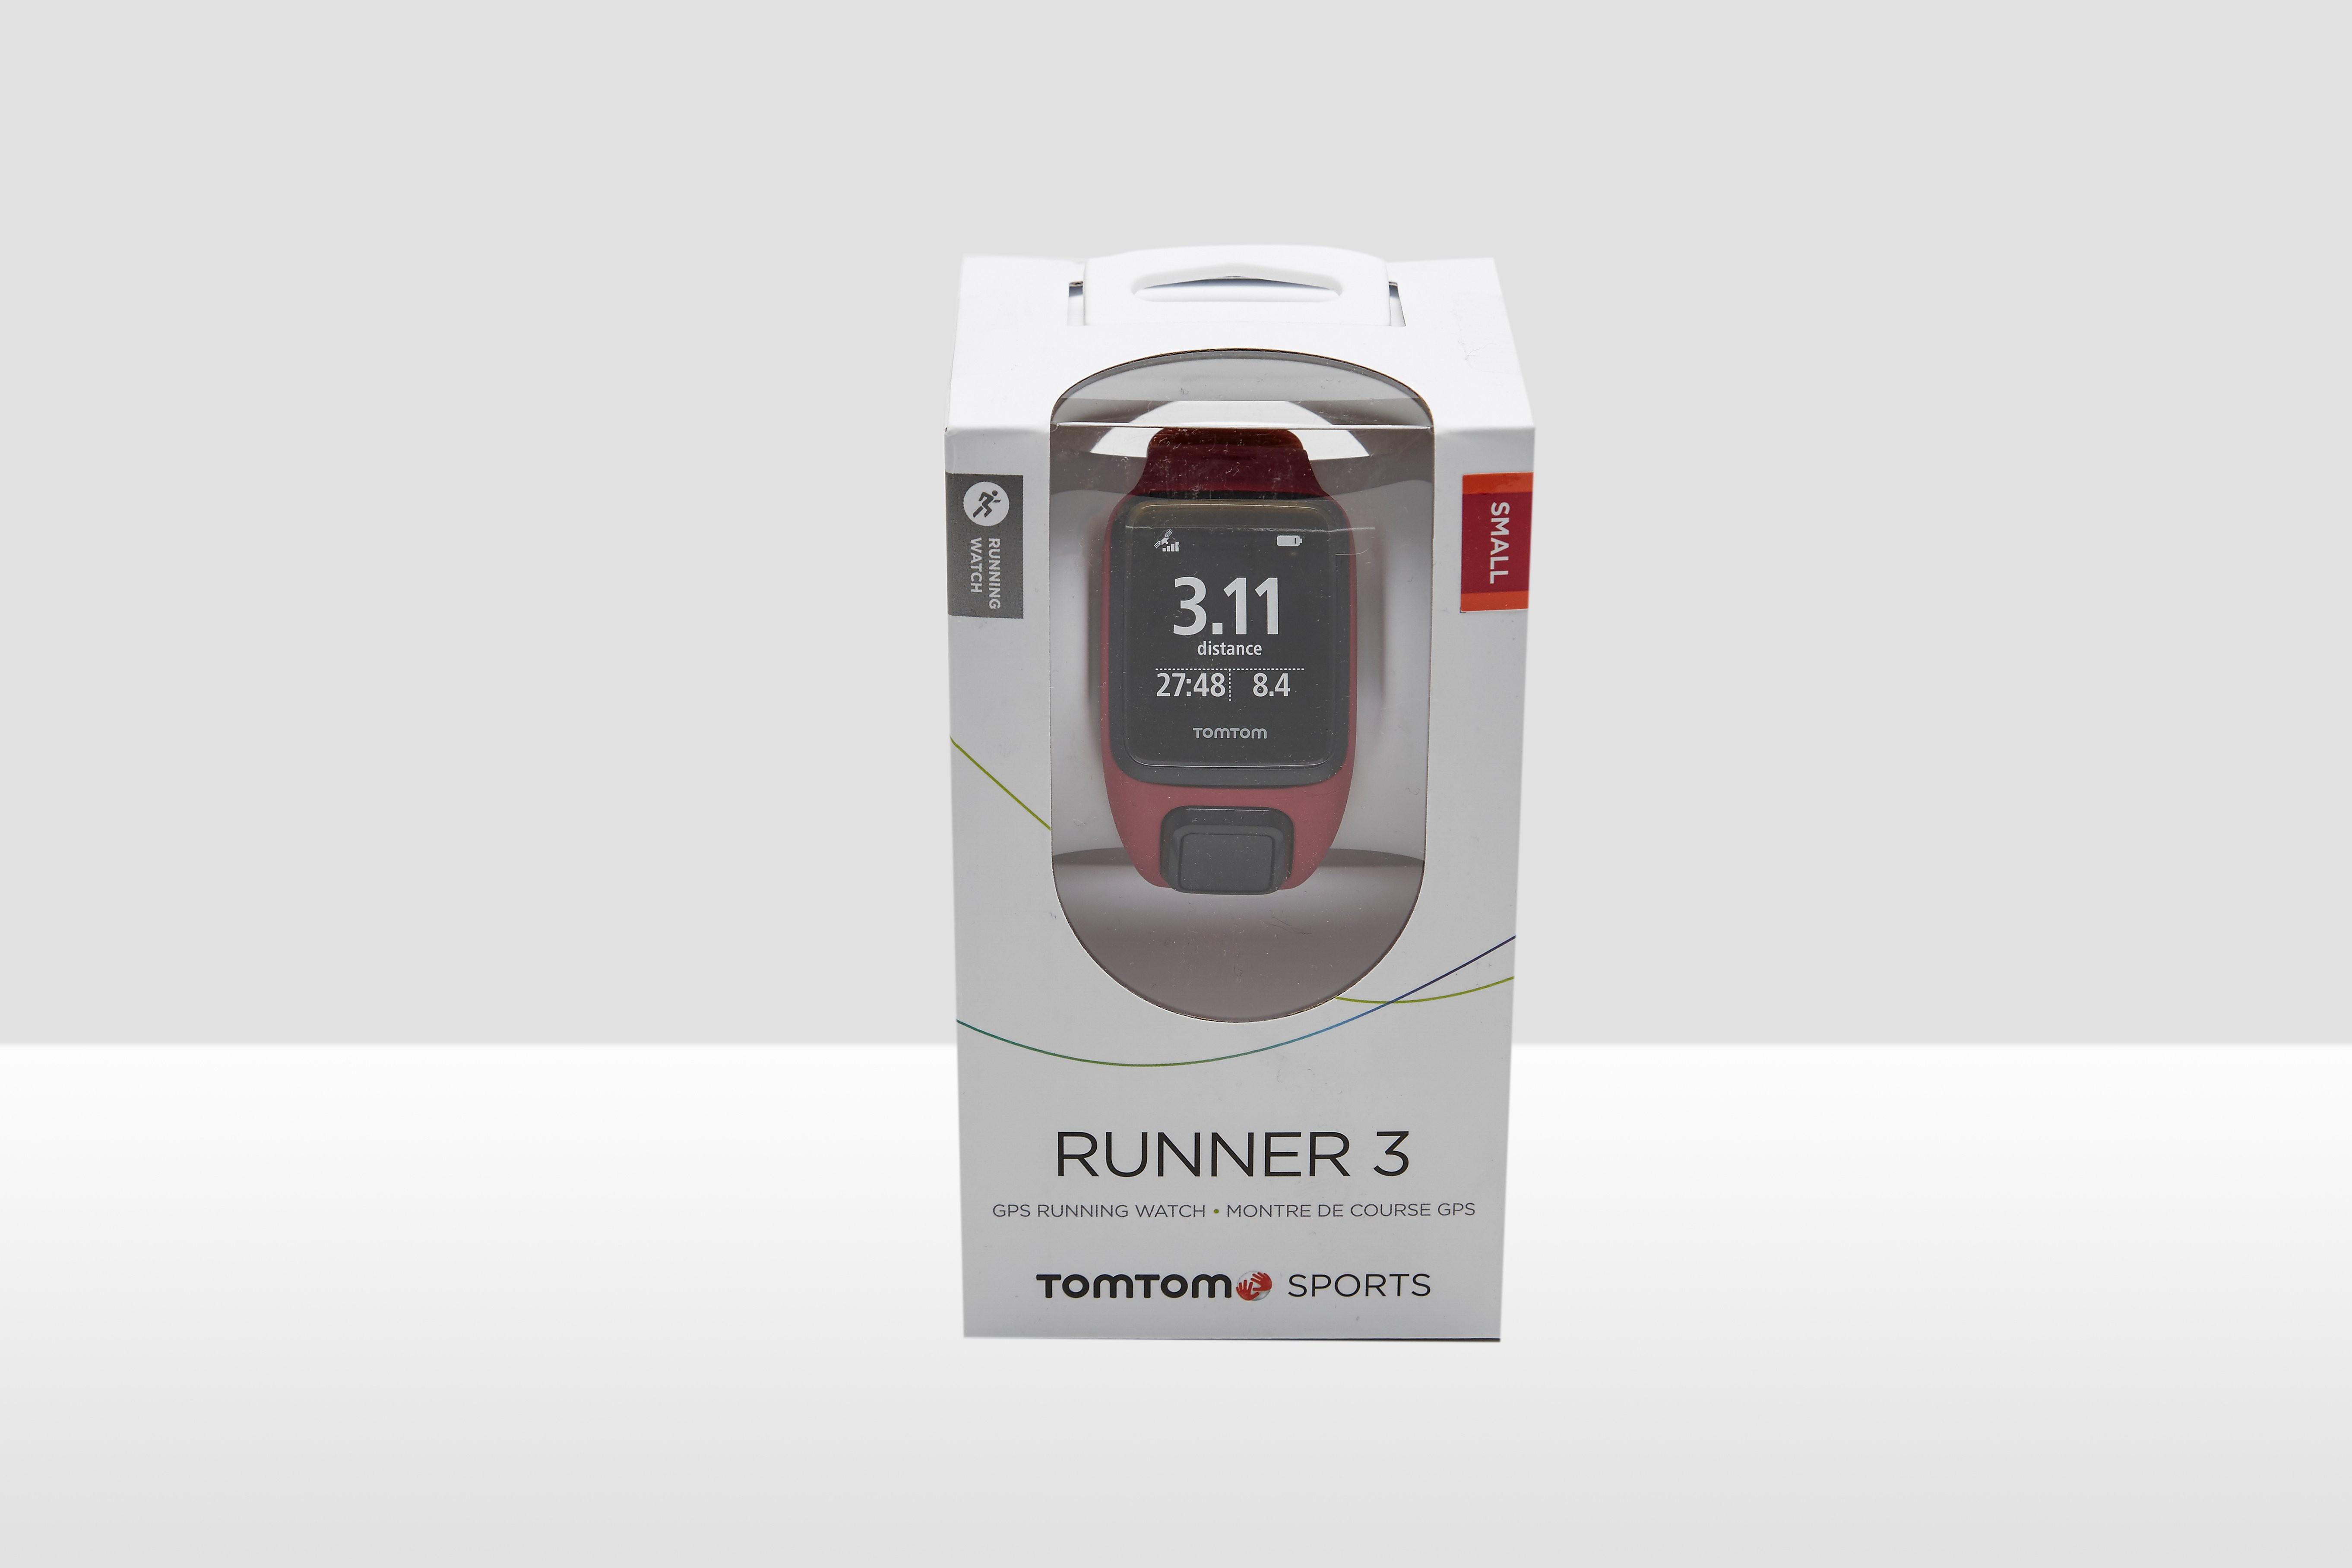 TOMTOM RUNNER 3 GPS SMALL ROZE/ORANJE